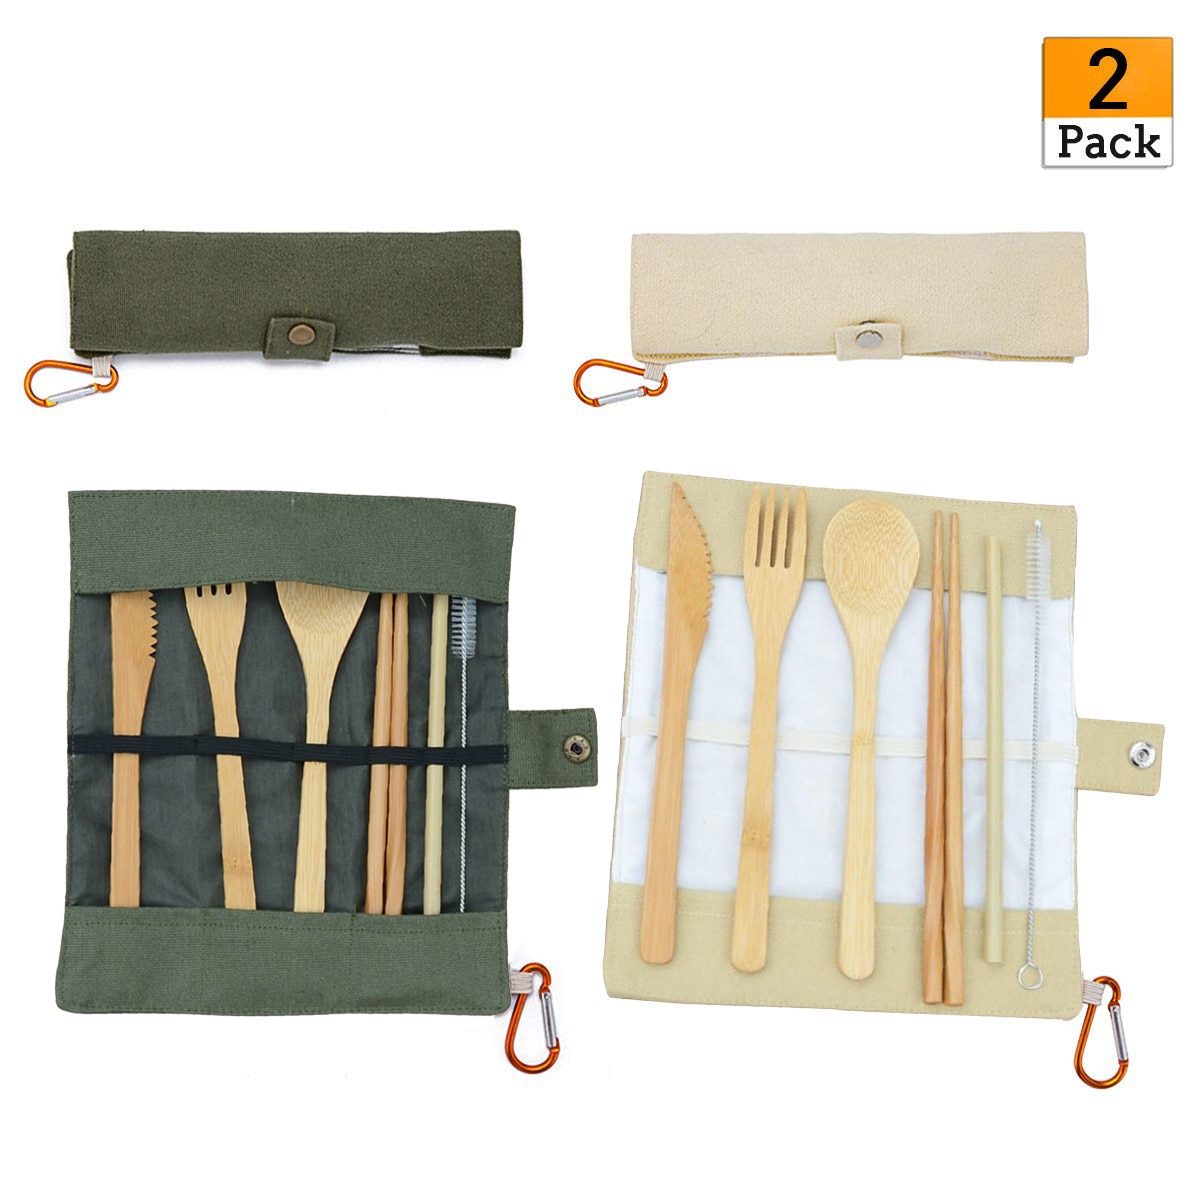 1/2 шт. 6 наборов японских набор деревянных столовых приборов бамбуковый нож вилка с тканевым мешком кухонные инструменты для пикника на откр...